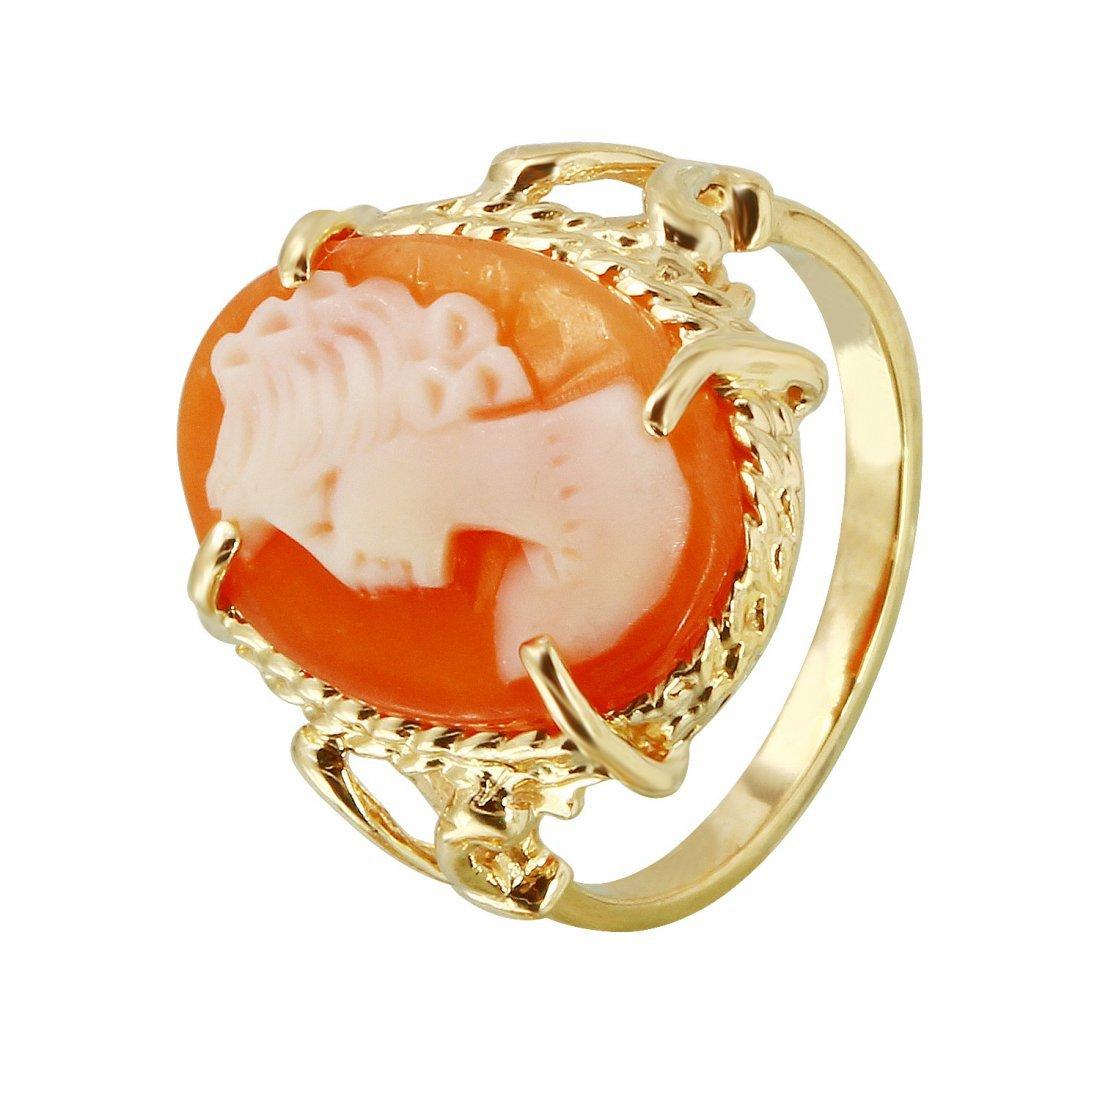 Ladies 14K Yellow Gold Ring